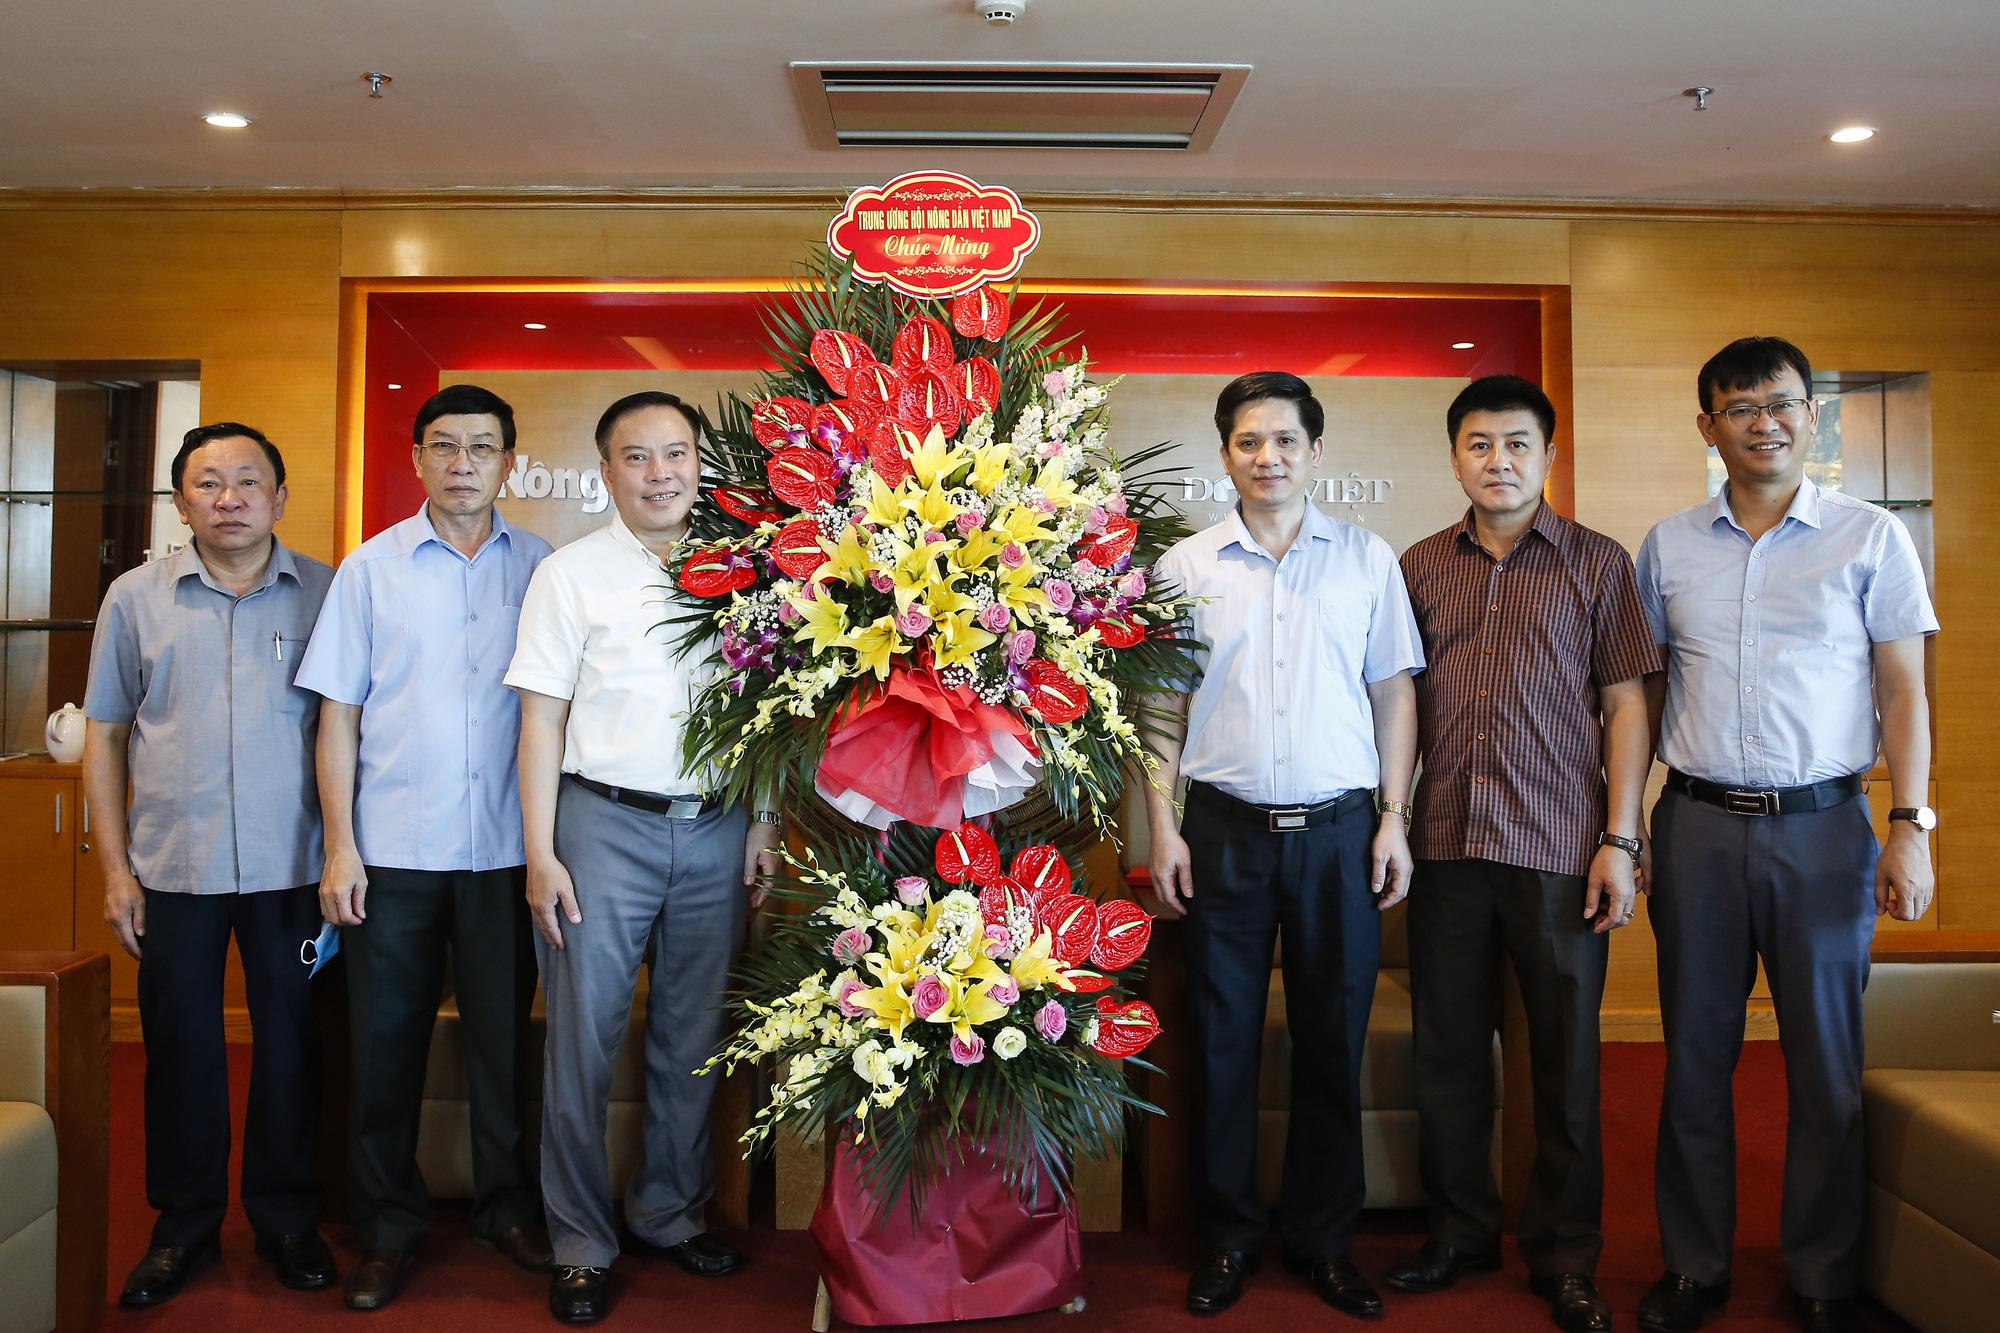 Lãnh đạo Hội Nông dân Việt Nam chúc mừng Báo NTNN/Dân Việt nhân ngày 21/6 - Ảnh 1.